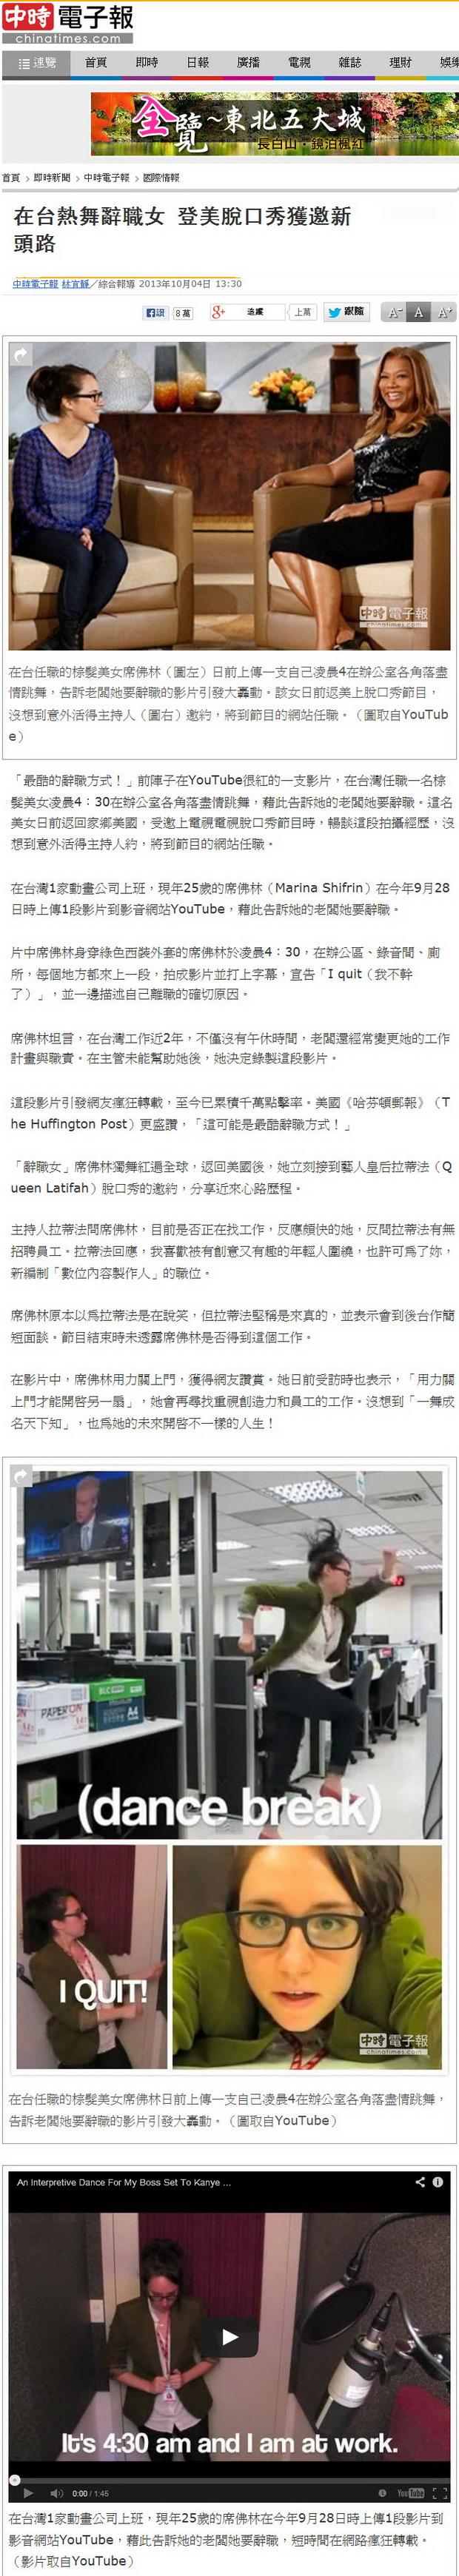 在台熱舞辭職女 登美脫口秀獲邀新頭路-2013.10.04.jpg